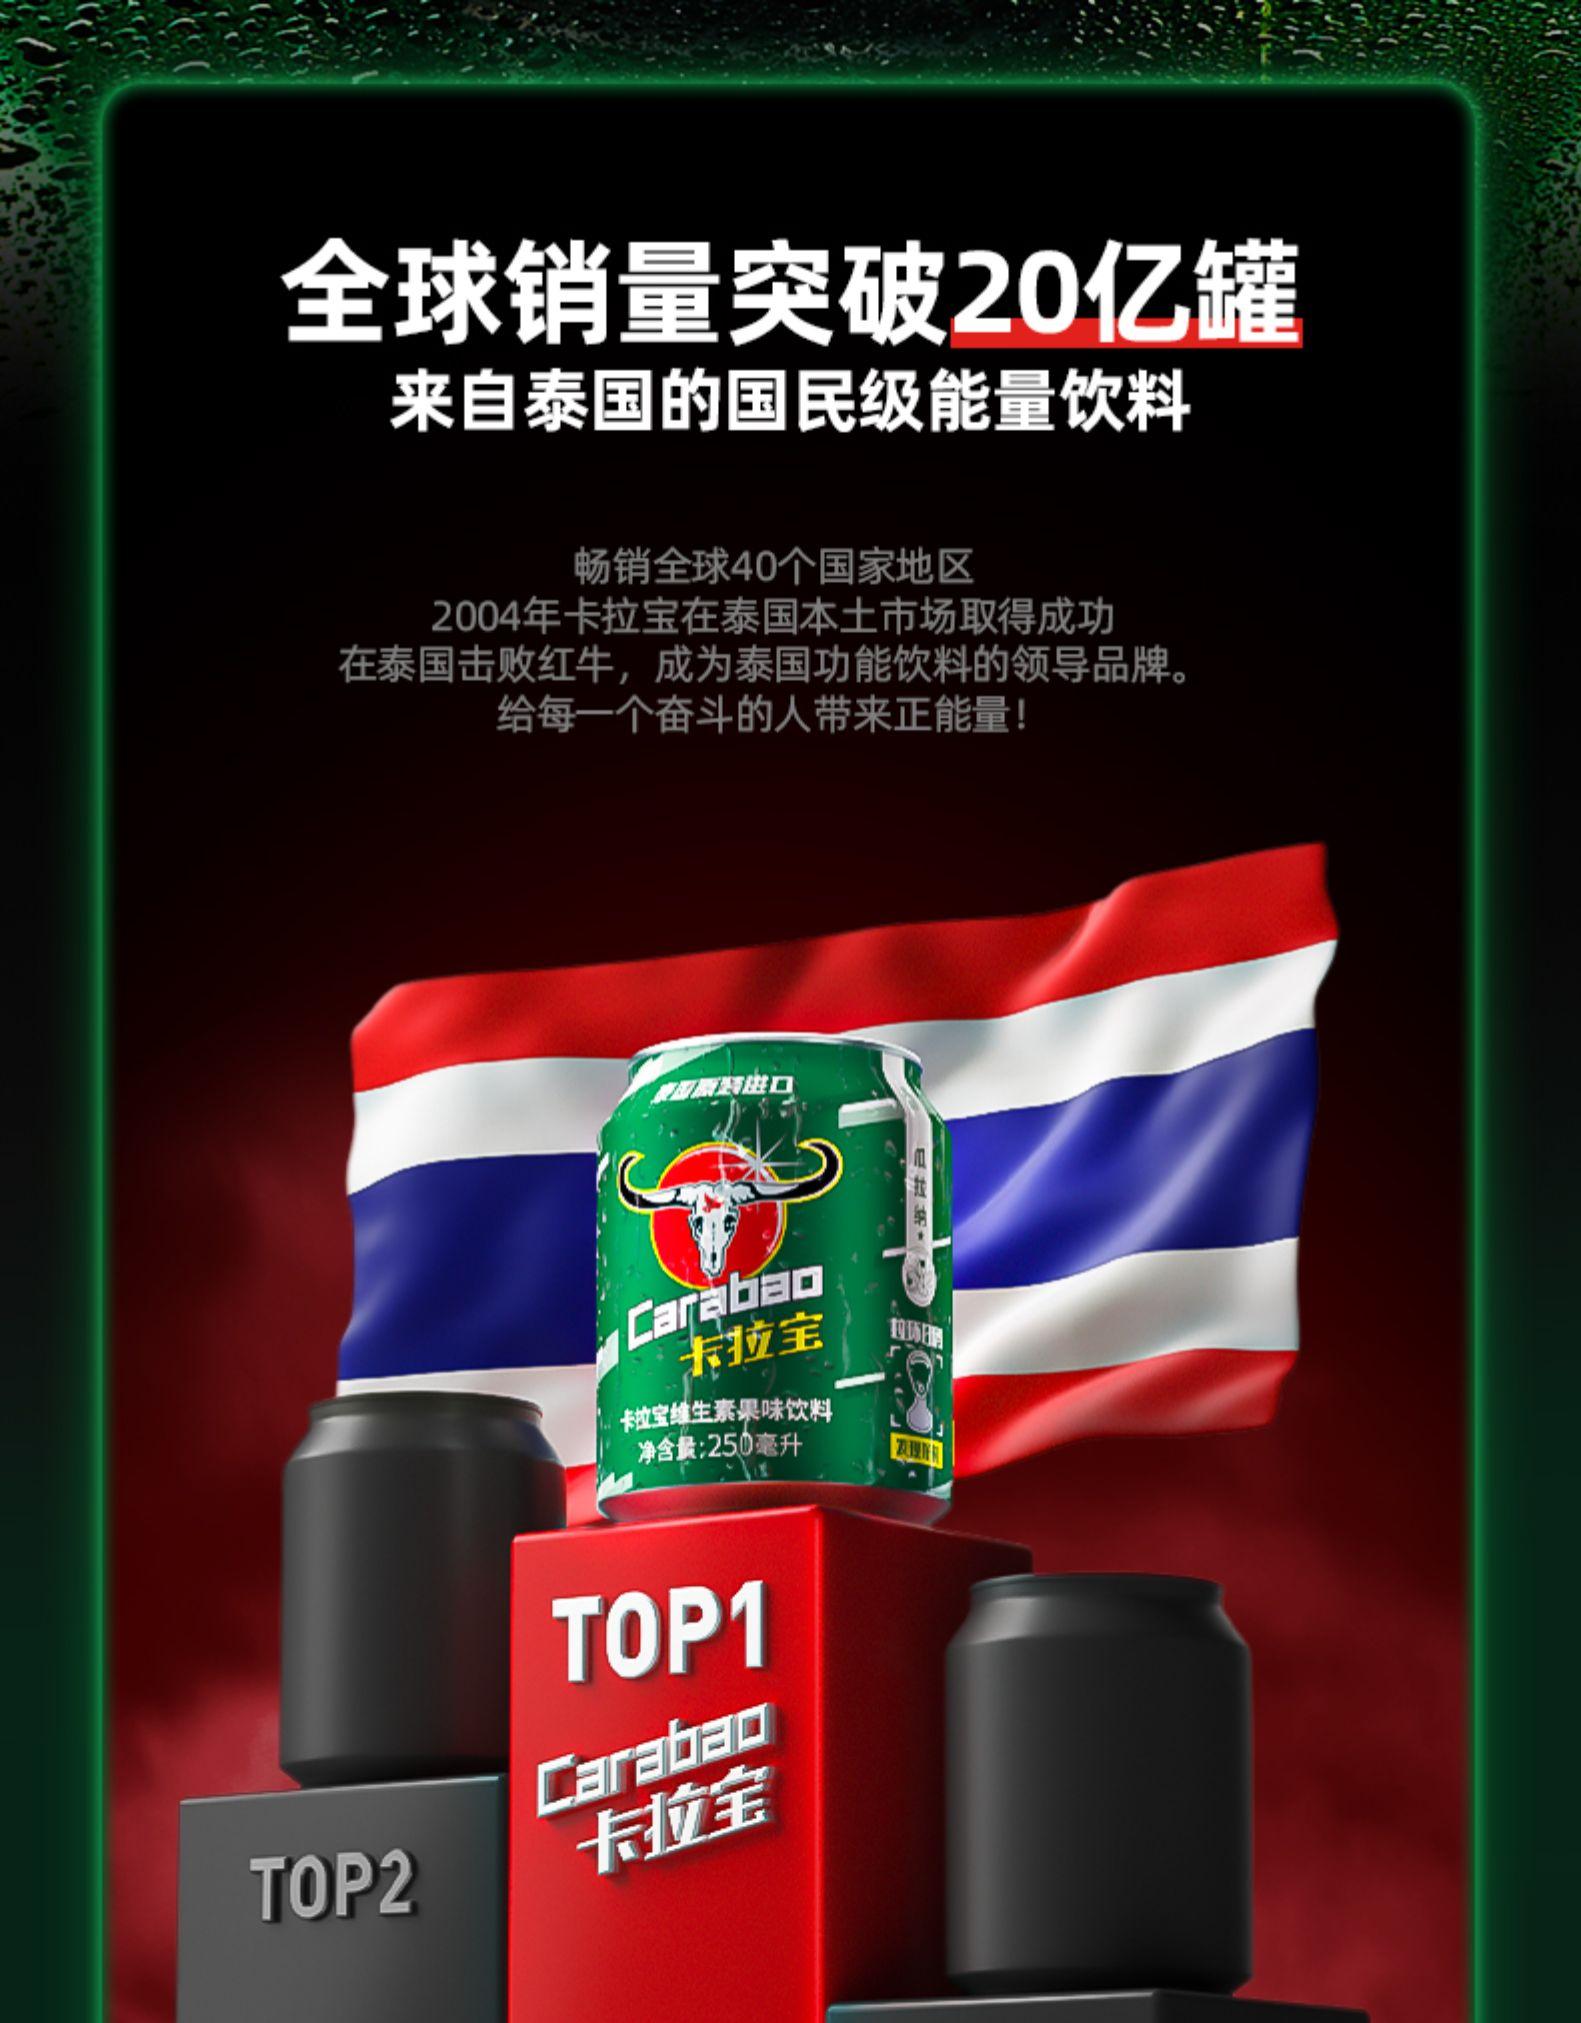 泰国 Carabao卡拉宝 维生素运动功能饮料 250ml*12罐 图1